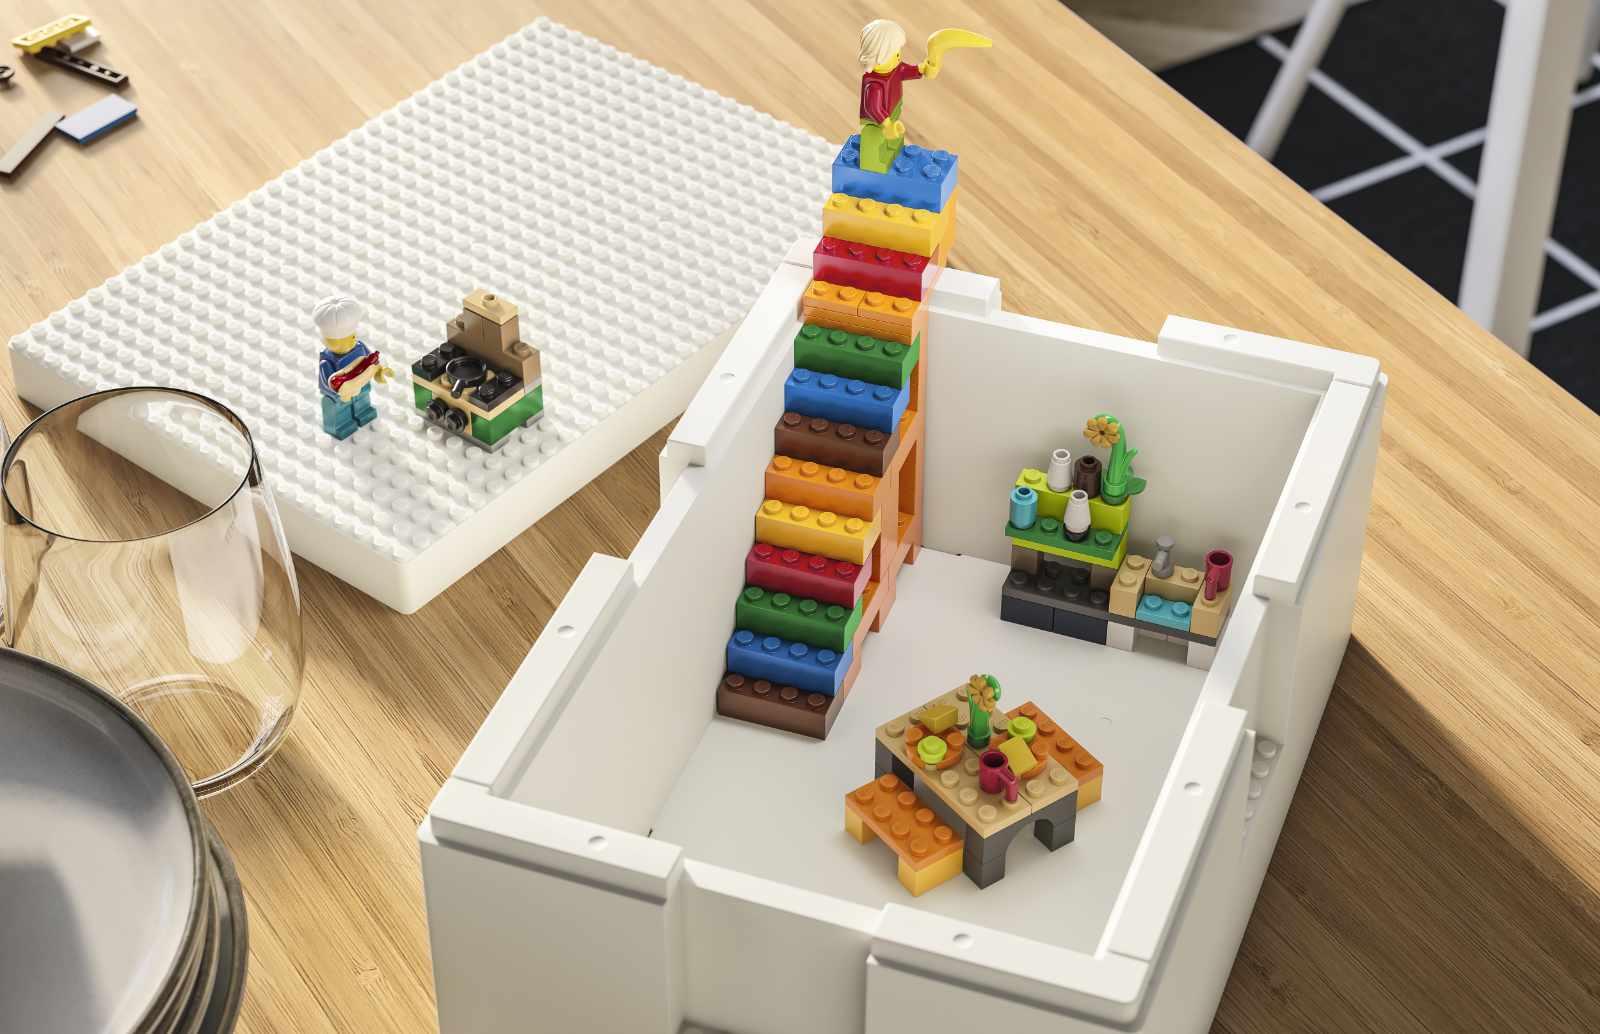 Ikea und Lego führen Bygglek ein: Kombi aus Spielzeug und ...